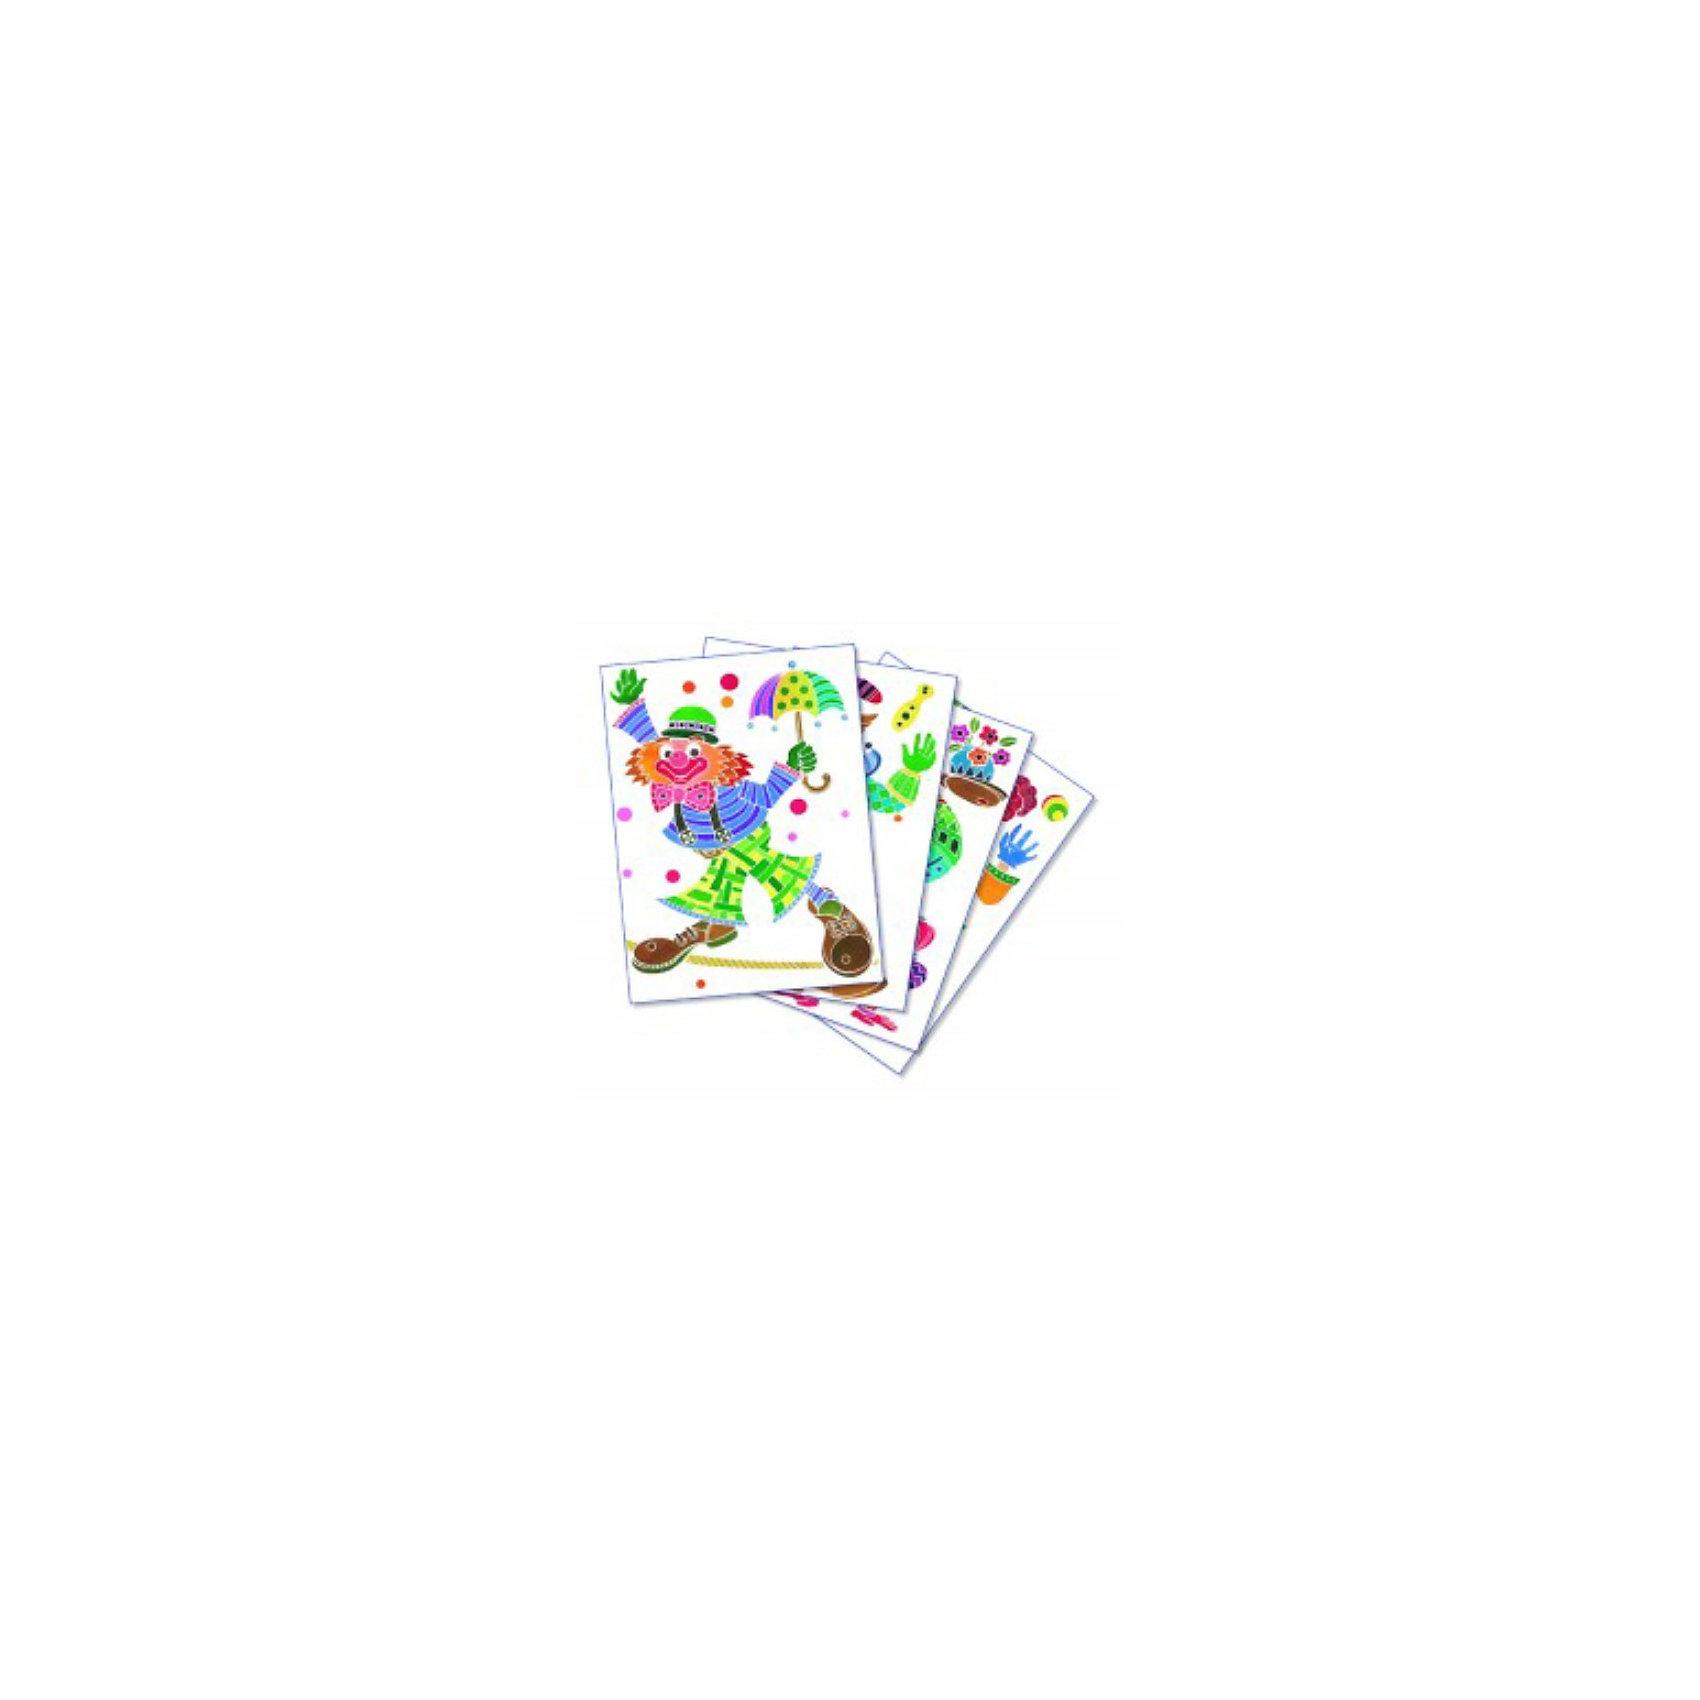 SentoSpherе 655 Акварельная раскраска КлоунВсего несколько капель красок и любой ребенок сможет создать настоящие произведения искусства. Акварель для детей основана на технике вставки в оправу тонкого пергамента. Эта техника позволяет картине приклеиться только на специальные поверхности: рисунок появляется по мере проведения кисточкой по бумаге. Картину можно перерисовывать несколько раз, чтобы получить самый красивый результат. Такая техника идеальна, чтобы научить детей составлению цветов. Кроме того, она развивает воображение, точность и внимание. 4 картины; 1 кисть очень высокого качества; 1 палитра для смешивания красок; 5 флаконов не токсичных акварельных красок; 1 пипетка для дозировки красок; 1 инструкция<br><br>Ширина мм: 195<br>Глубина мм: 30<br>Высота мм: 265<br>Вес г: 275<br>Возраст от месяцев: 36<br>Возраст до месяцев: 2147483647<br>Пол: Унисекс<br>Возраст: Детский<br>SKU: 2176756